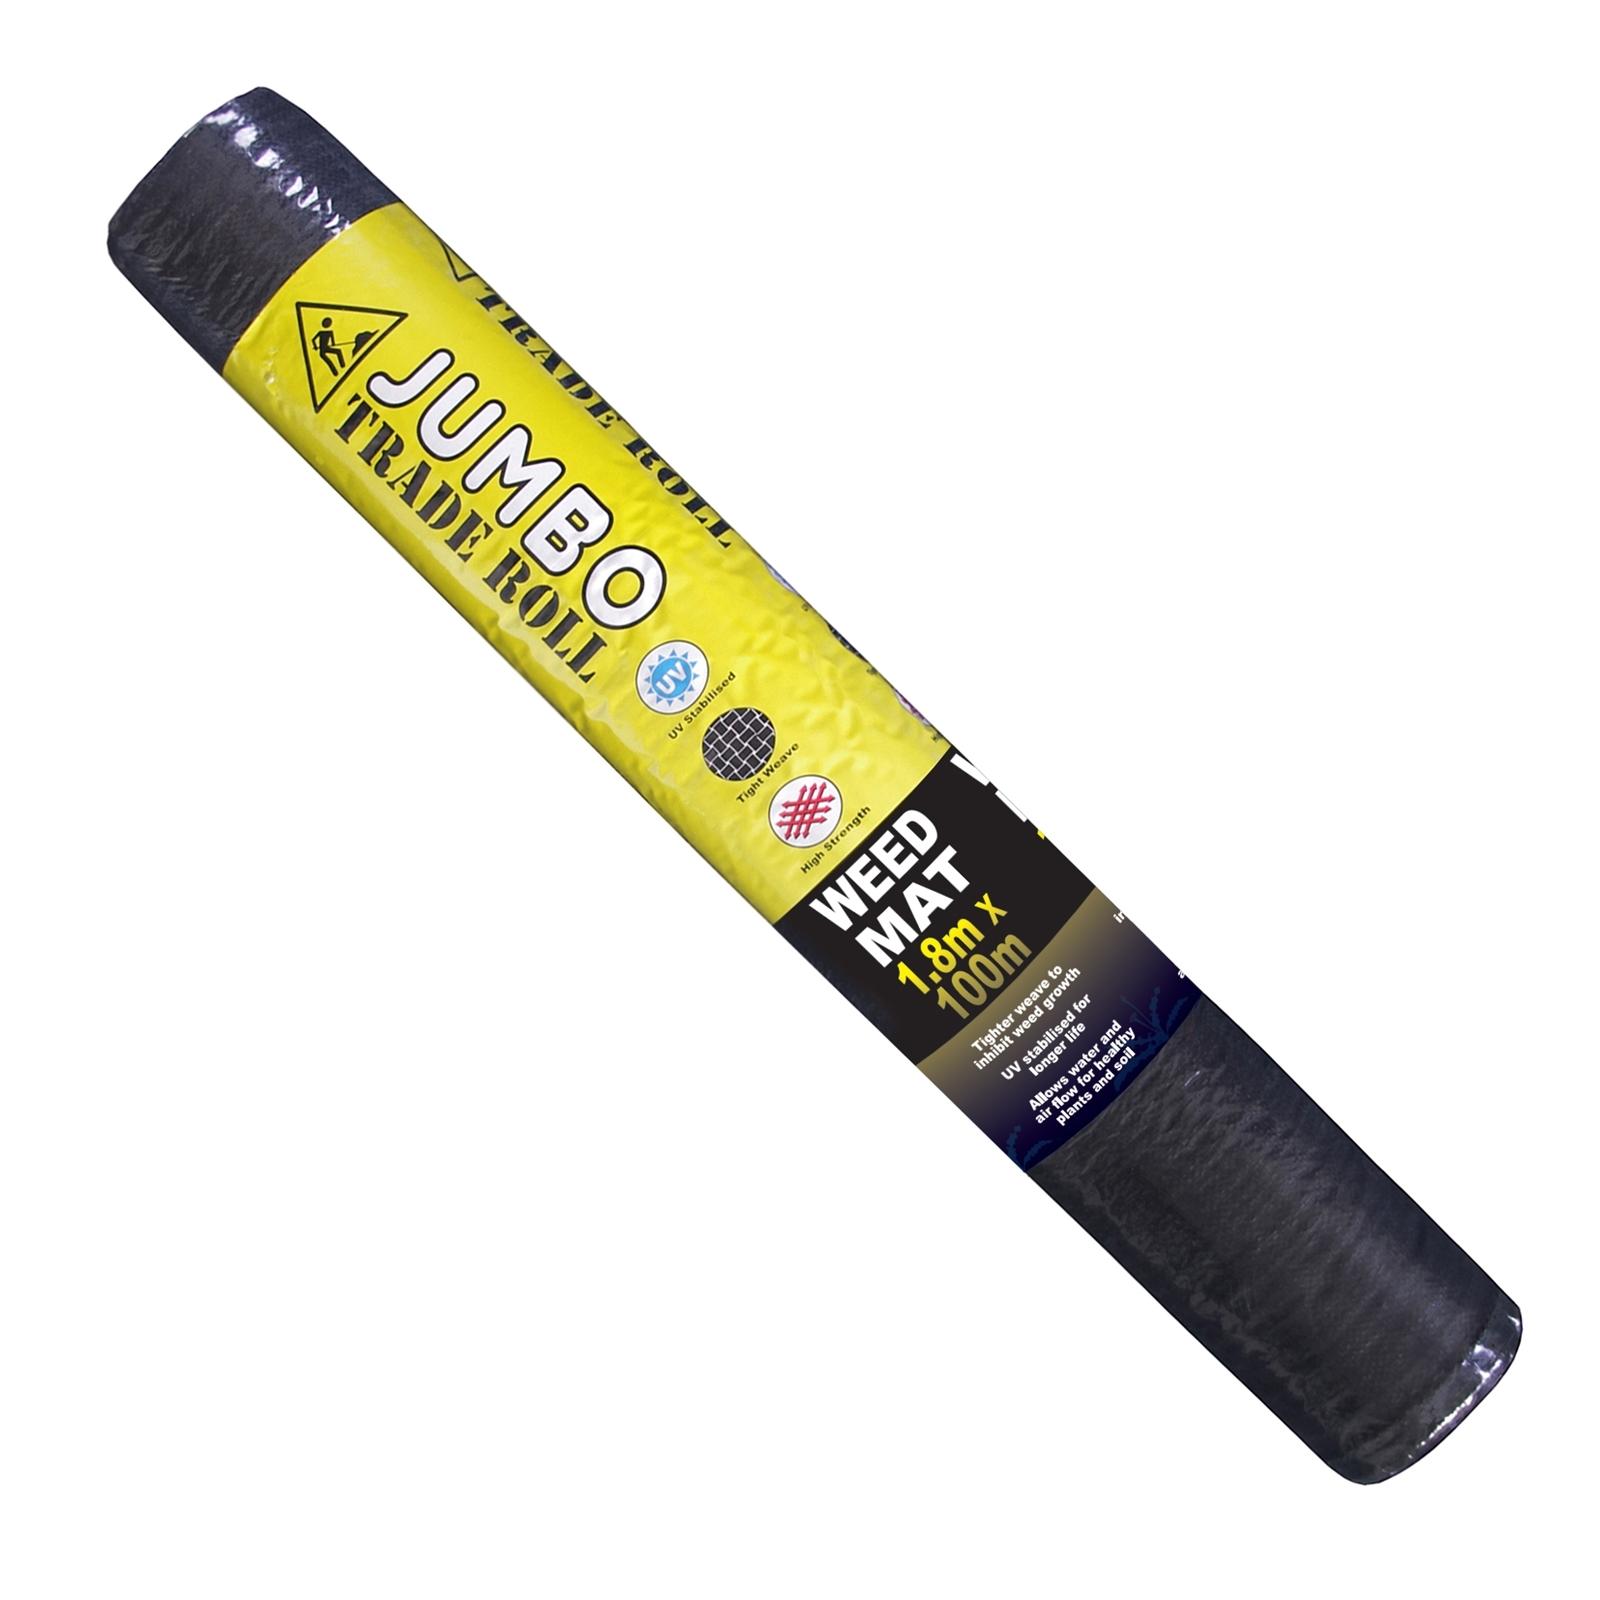 Pillar 1.83 x 100m Jumbo Weed Control Mat